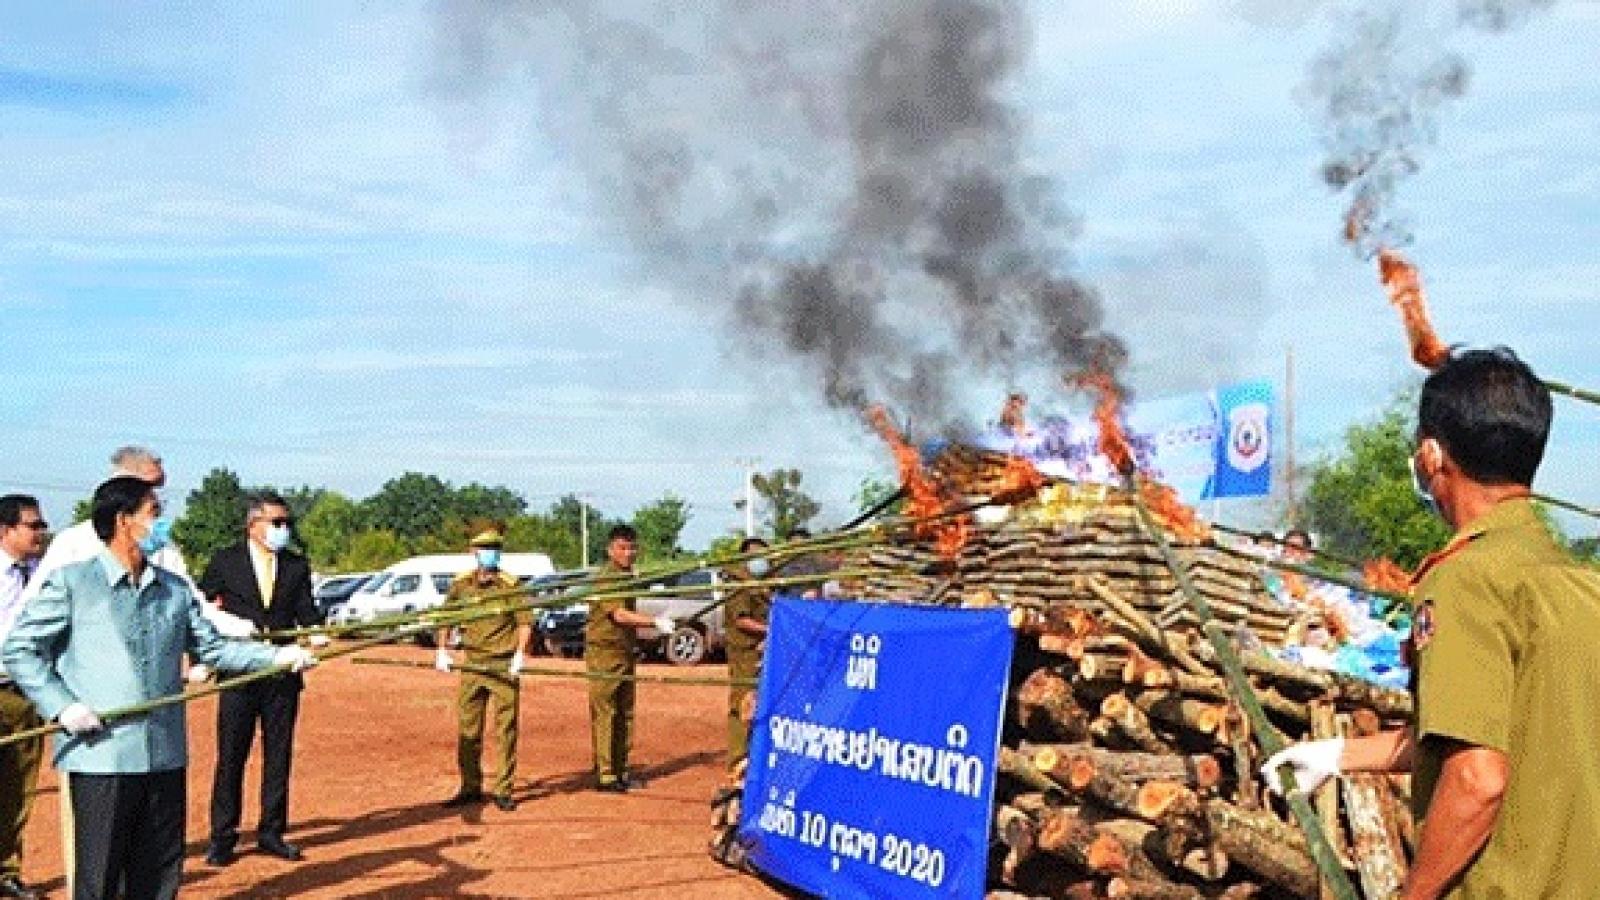 Hơn một nửa số vụ phạm tội ở Lào liên quan đến ma túy